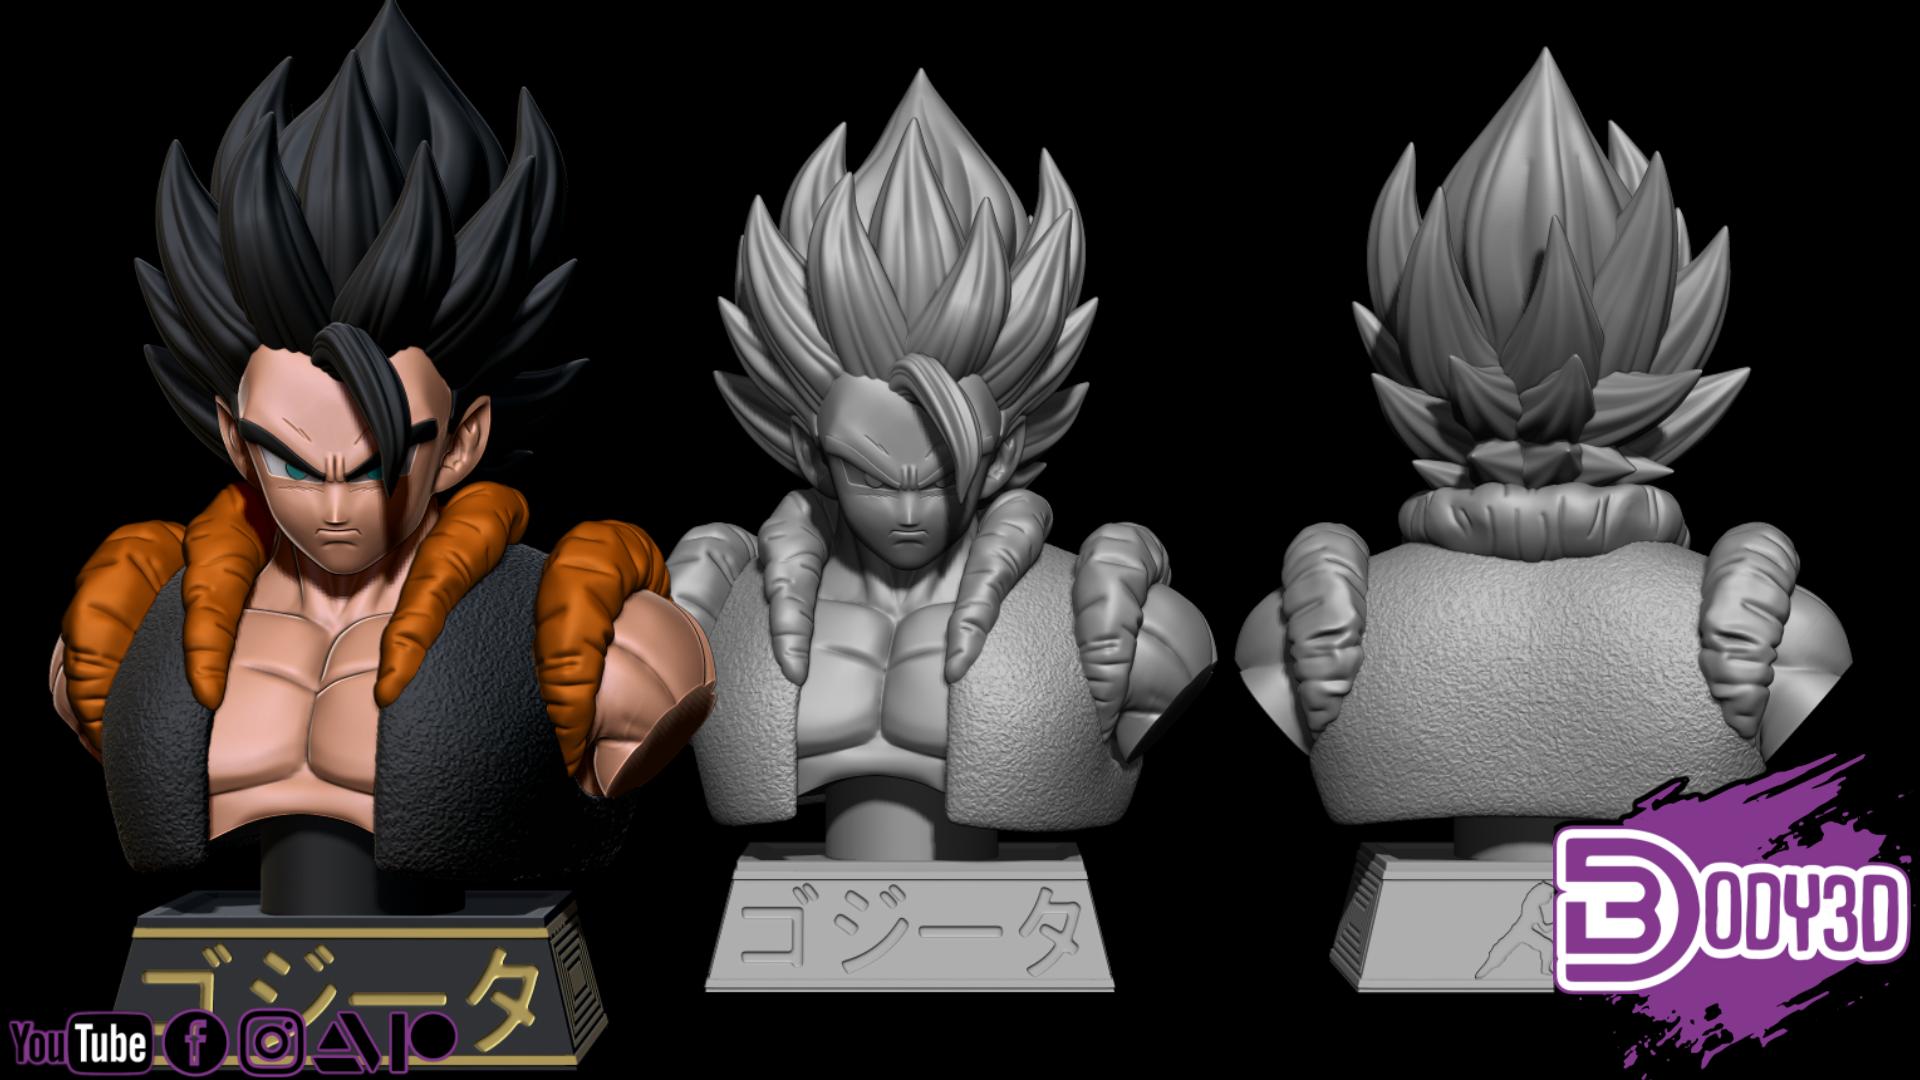 hdfgfdsgfdghfdgs.png Télécharger fichier STL Bundle Gogeta - Dragon Ball • Design pour impression 3D, BODY3D